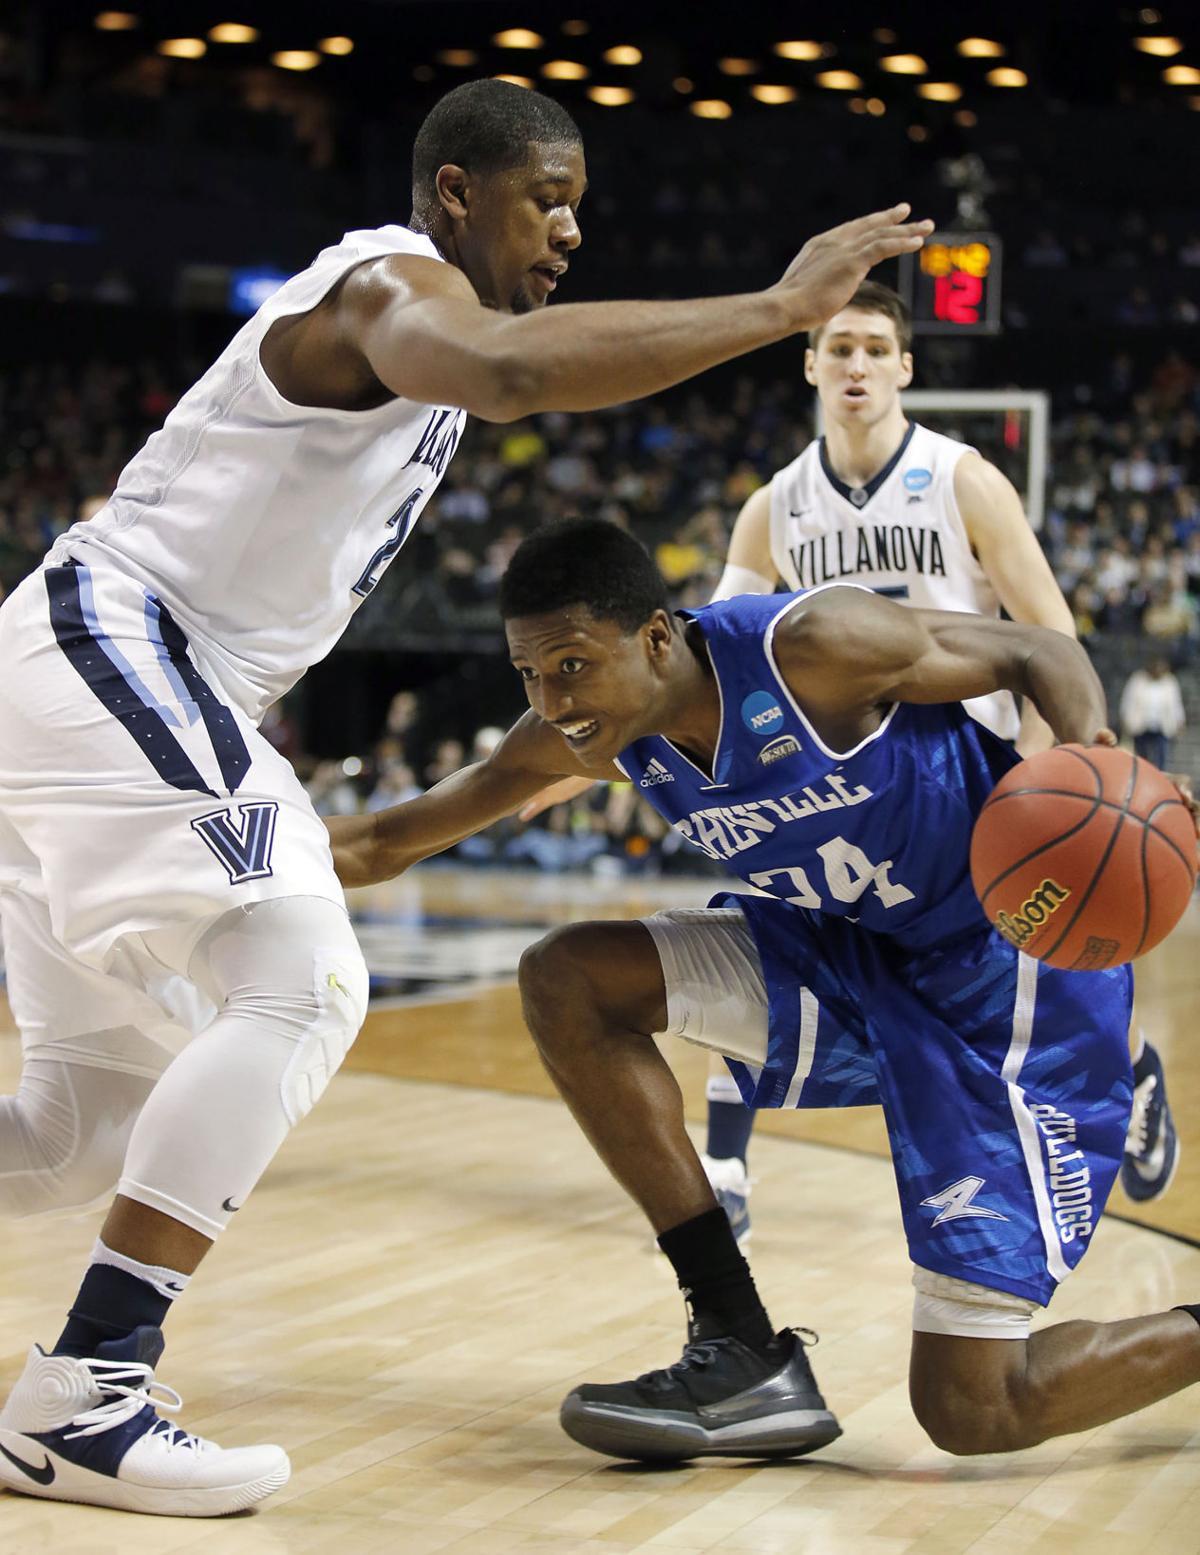 NCAA Tournament: UNC Asheville vs. Villanova